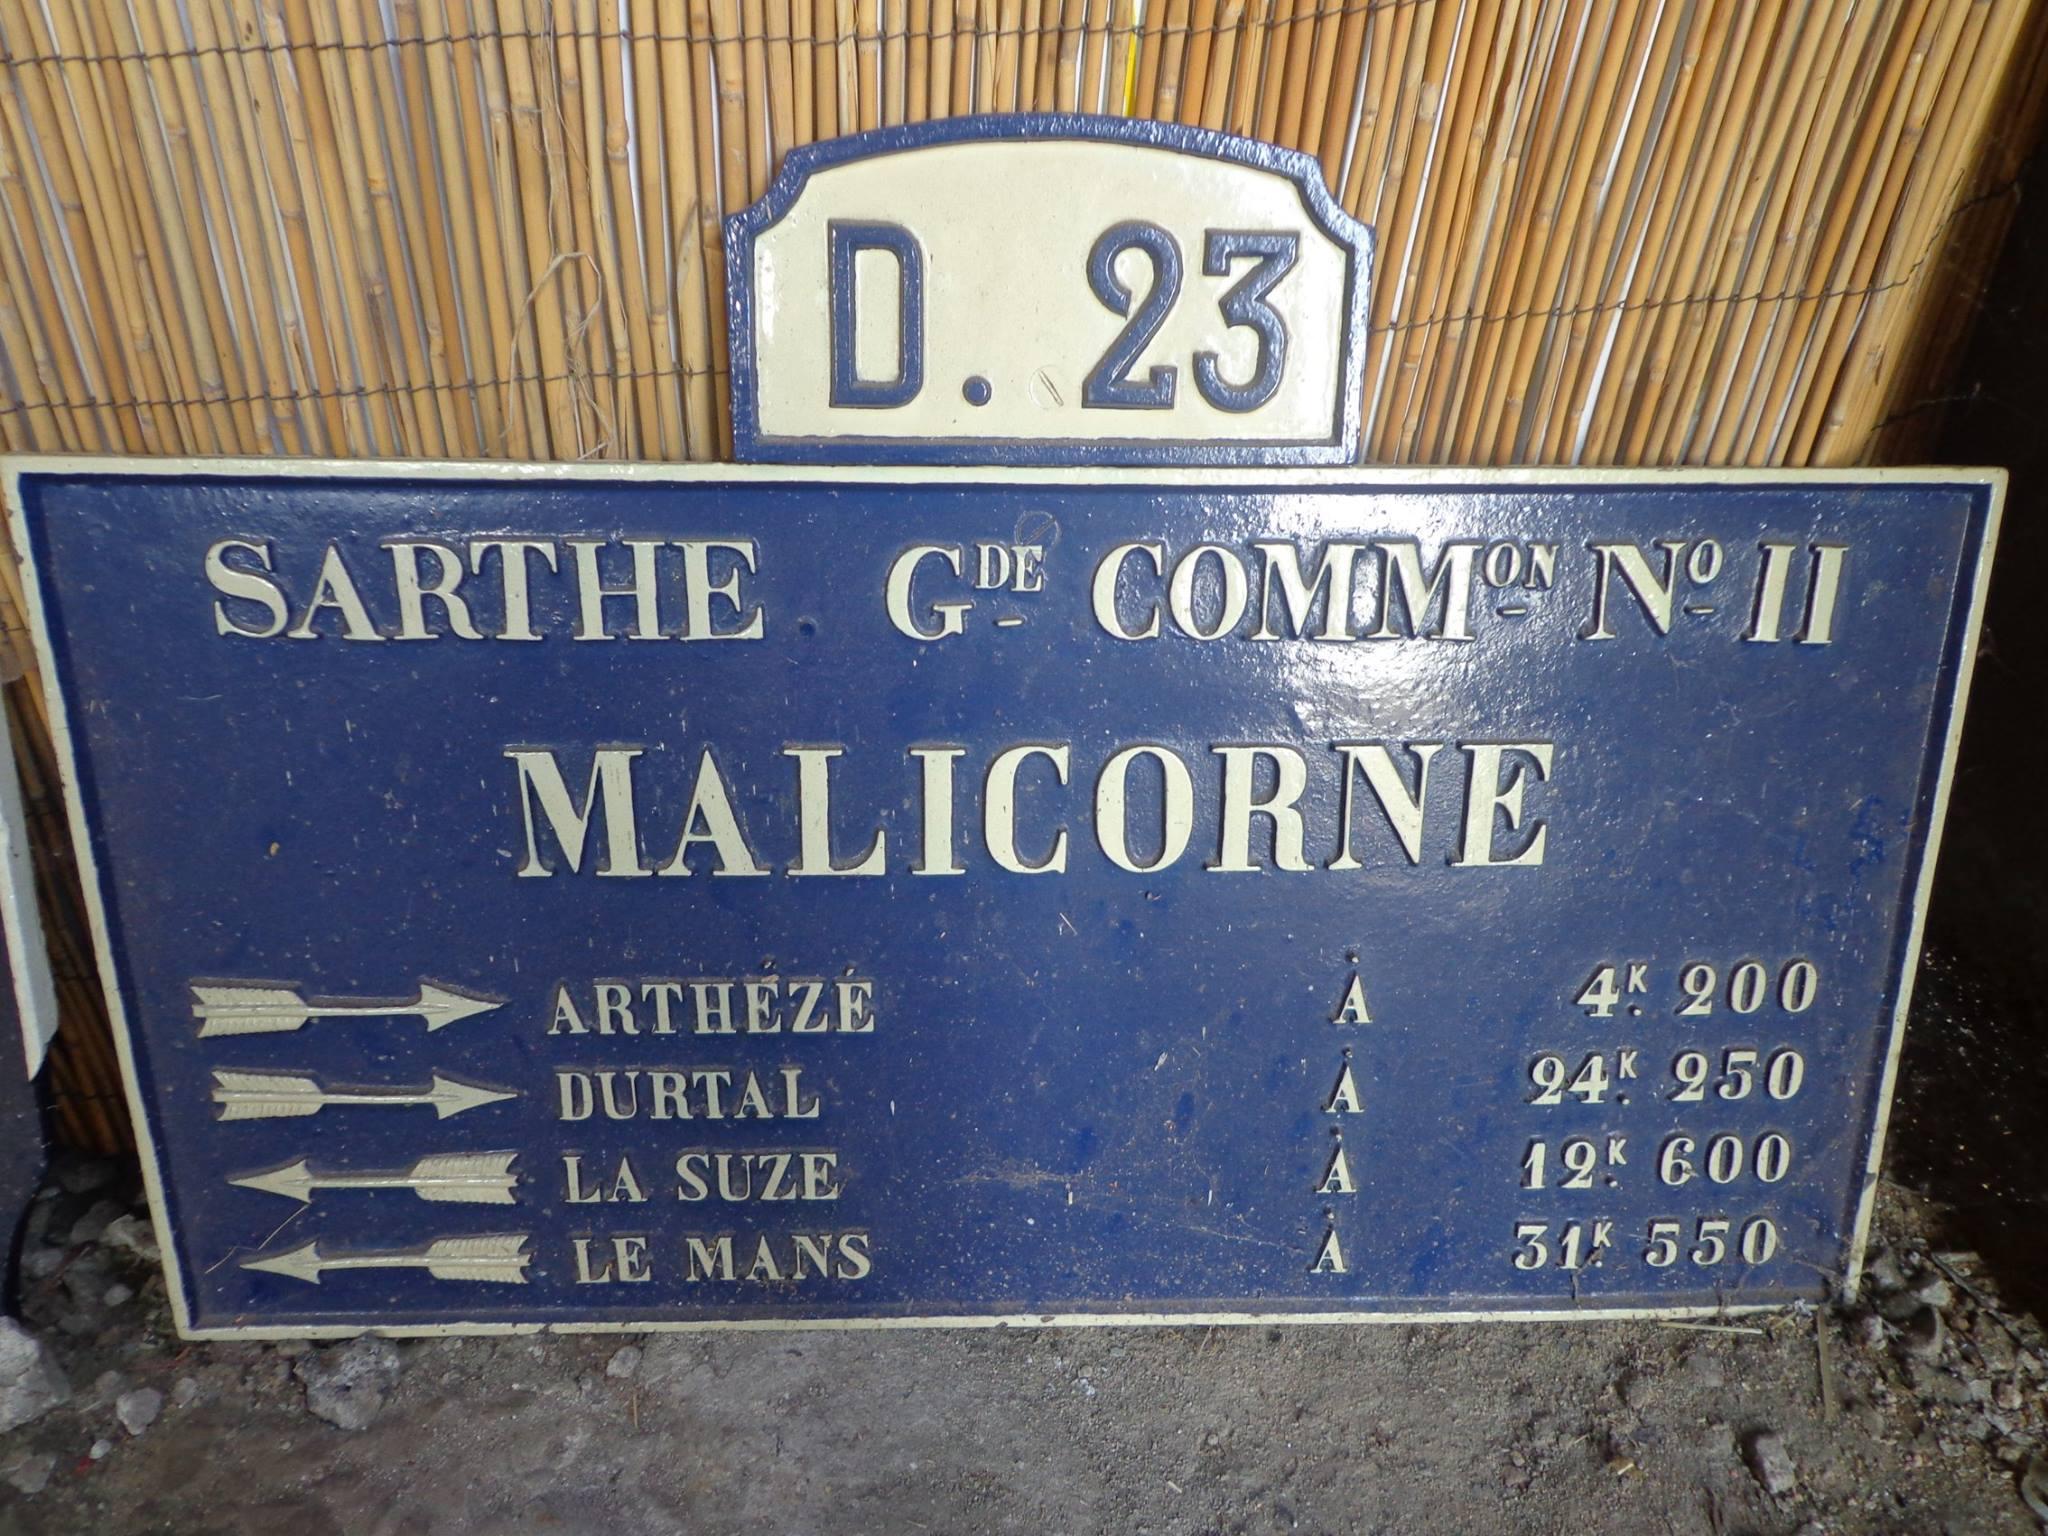 Malicorne sur Sarthe - Plaque de cocher - Arhezé - Durtal - La Suze - Le Mans (Marie-Yvonne Mersanne)